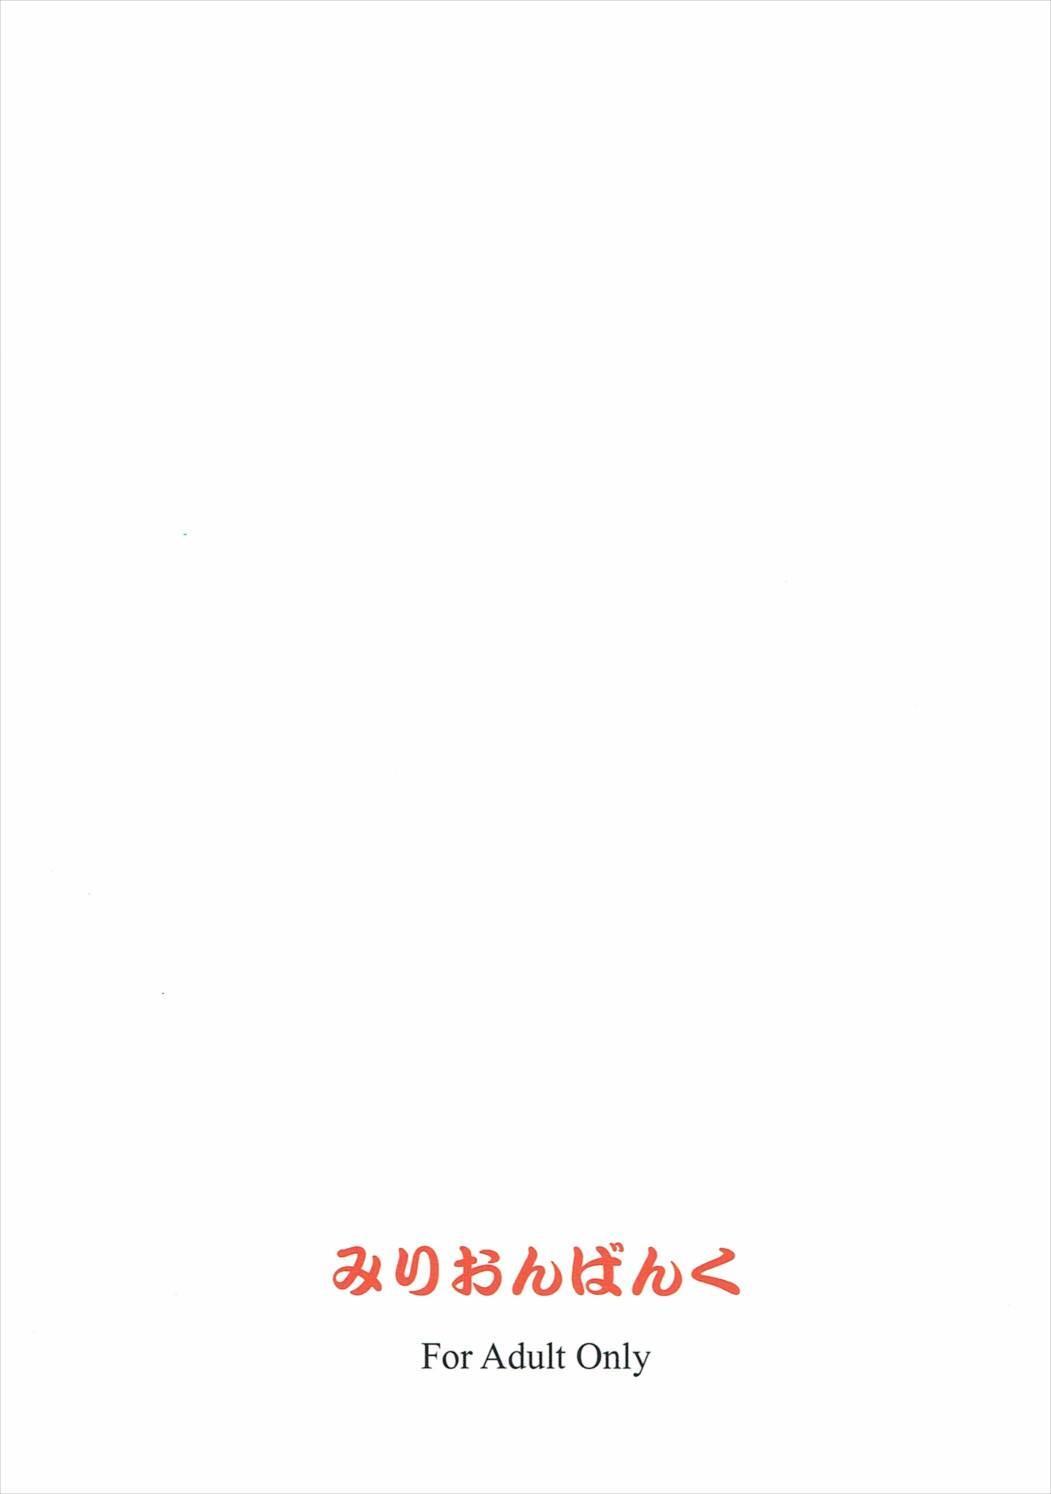 Kono Subarashii Loli Chara ni XX o! 21